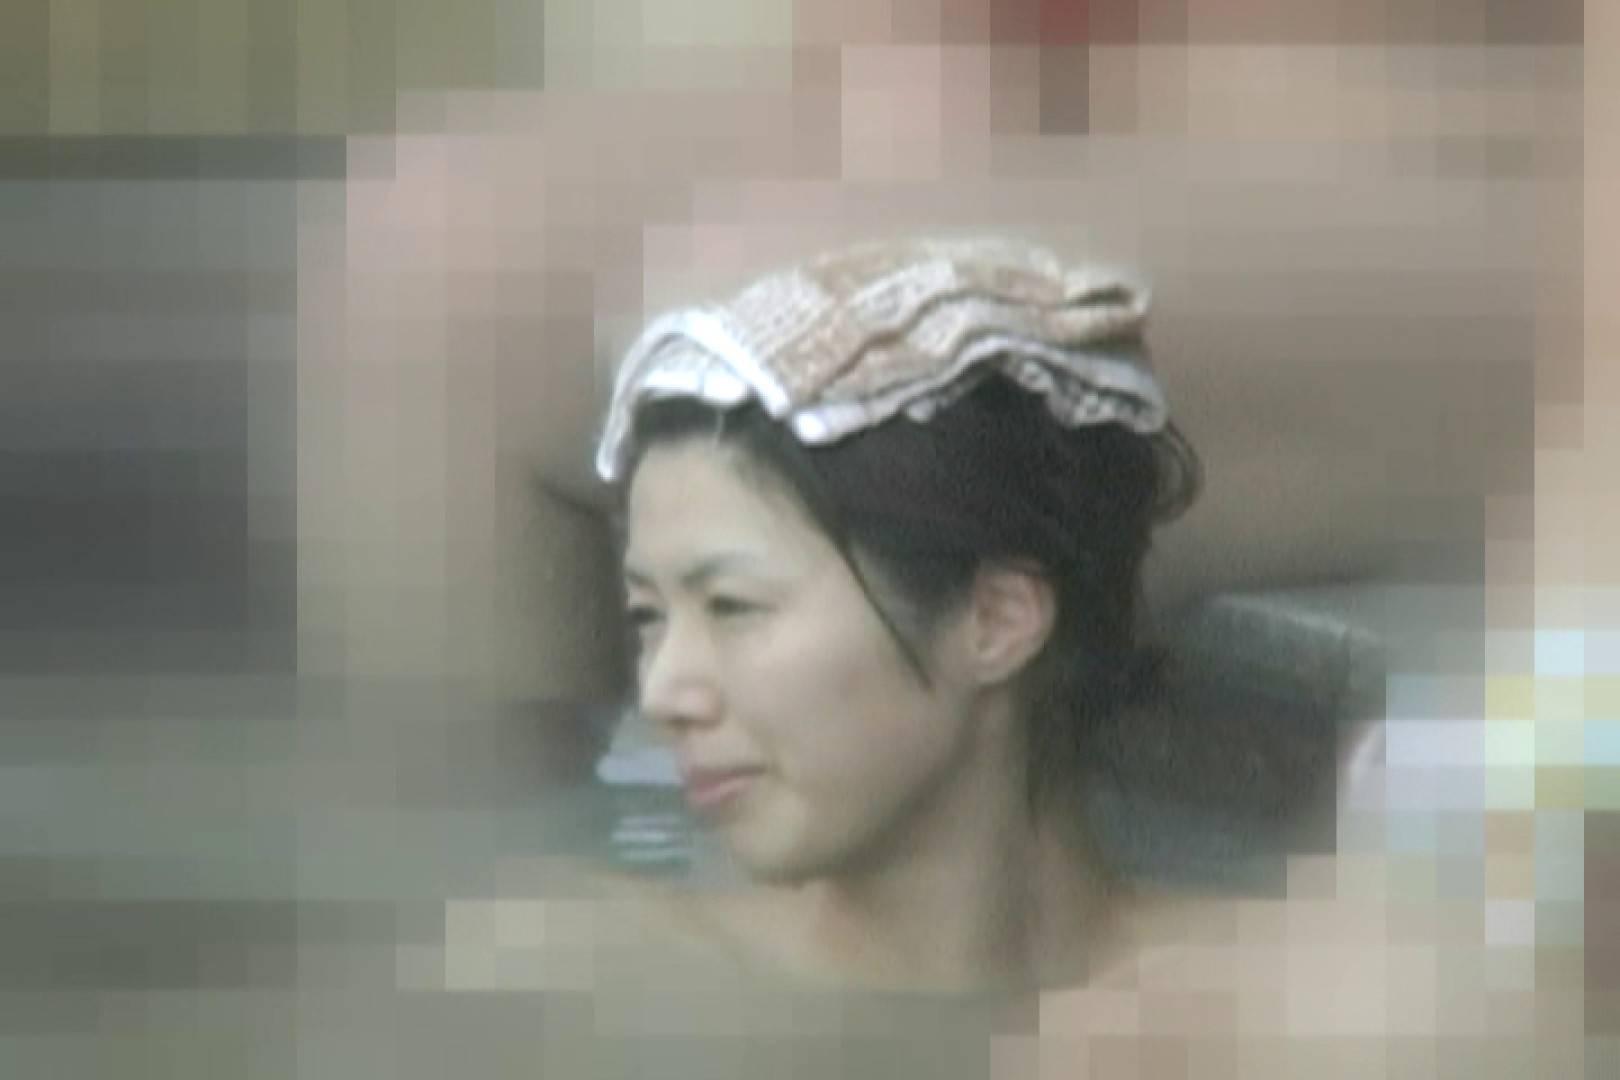 Aquaな露天風呂Vol.856 露天風呂 | 盗撮  74連発 46